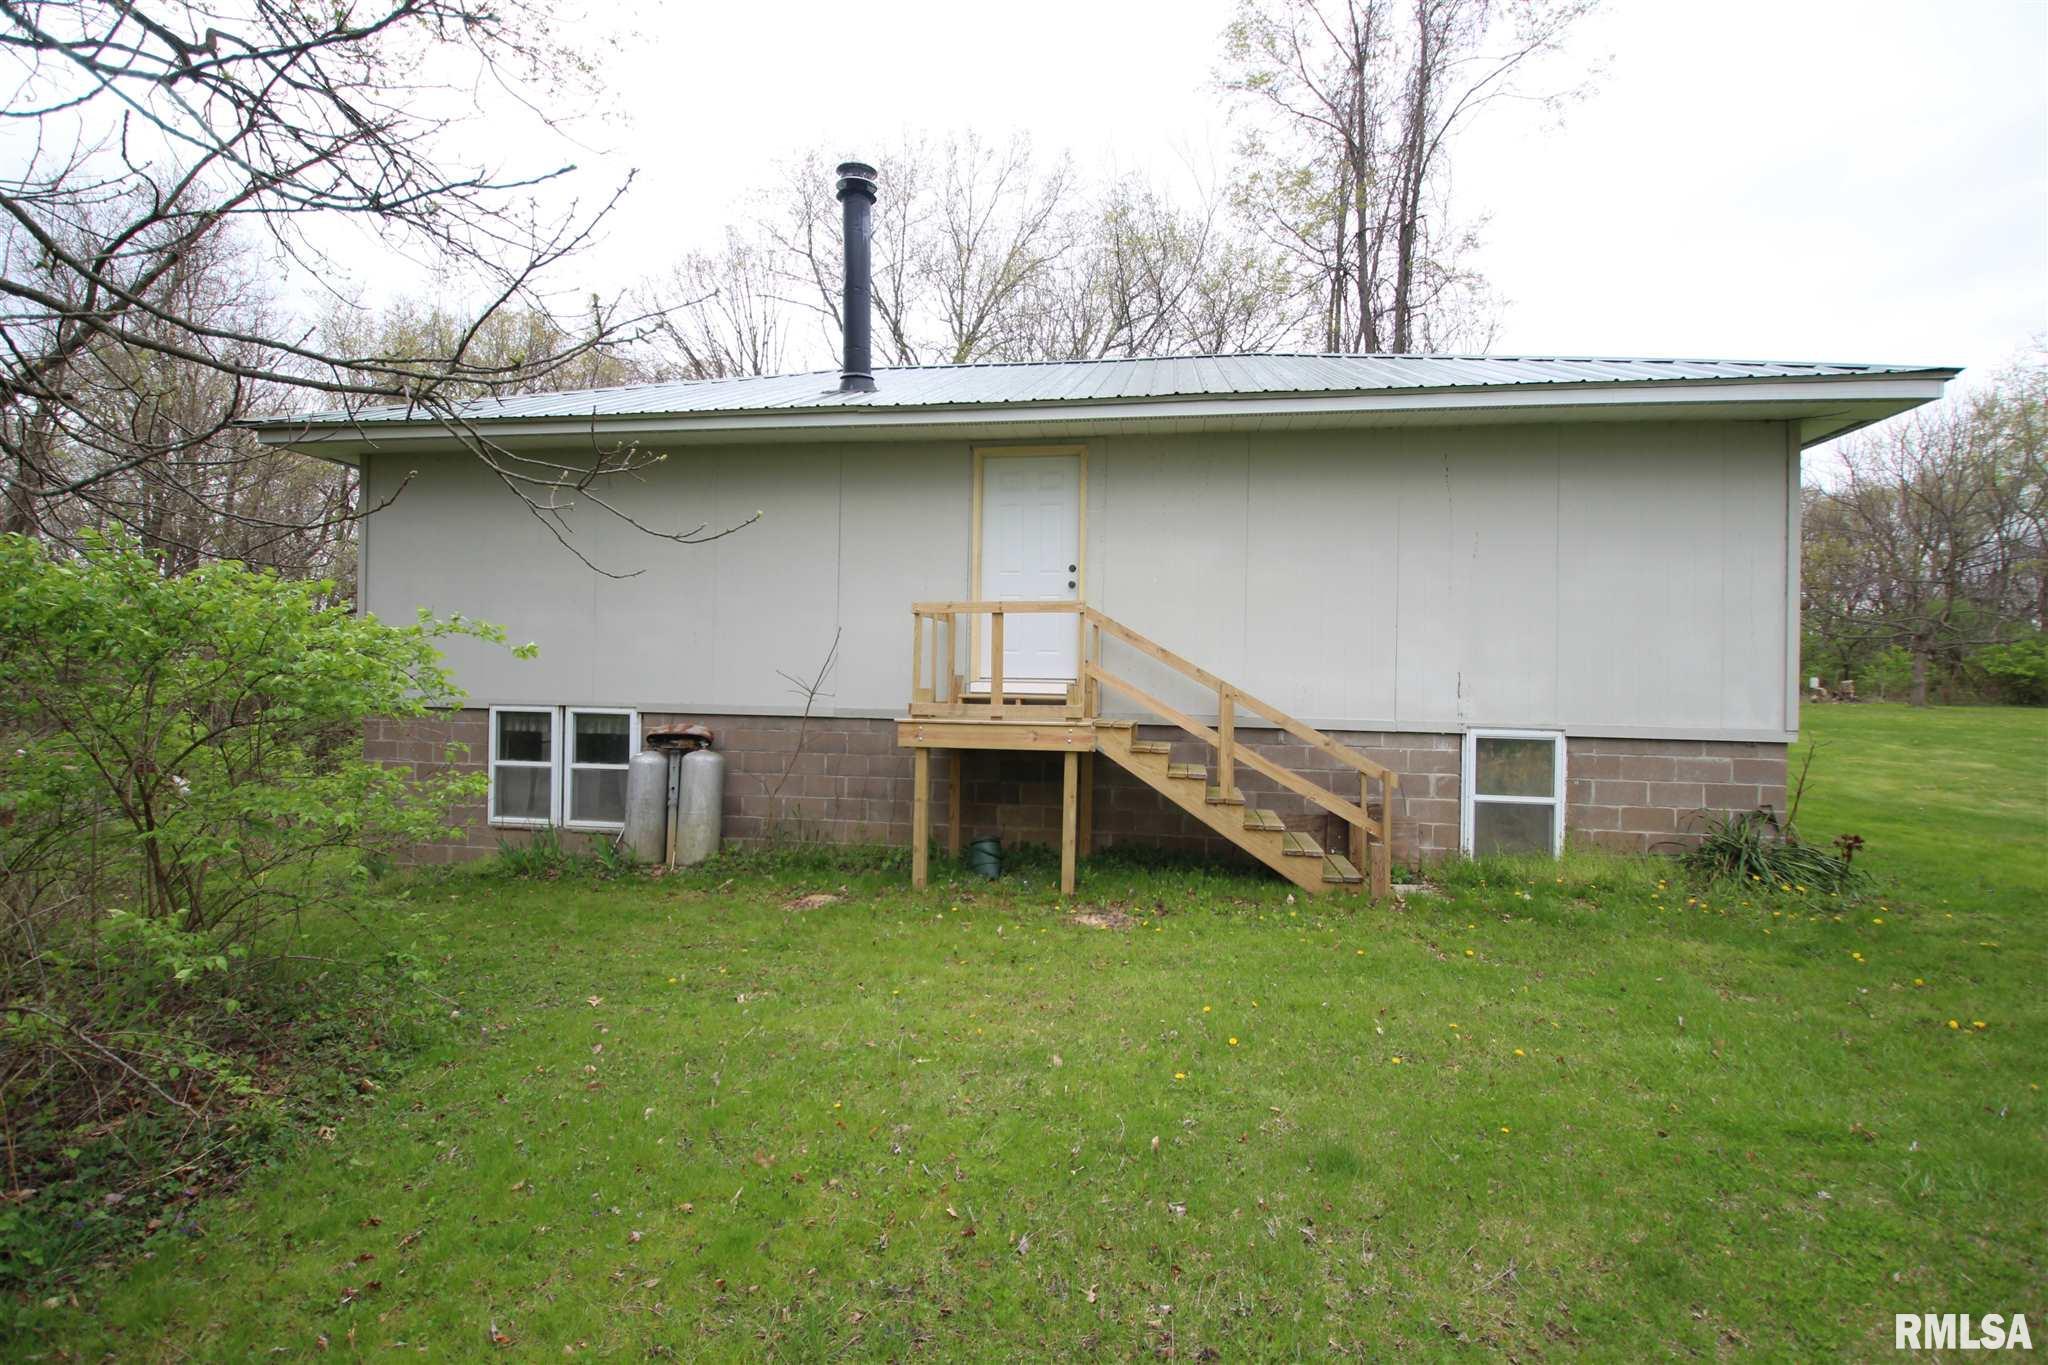 8327 W TUSCARORA Property Photo - Mapleton, IL real estate listing